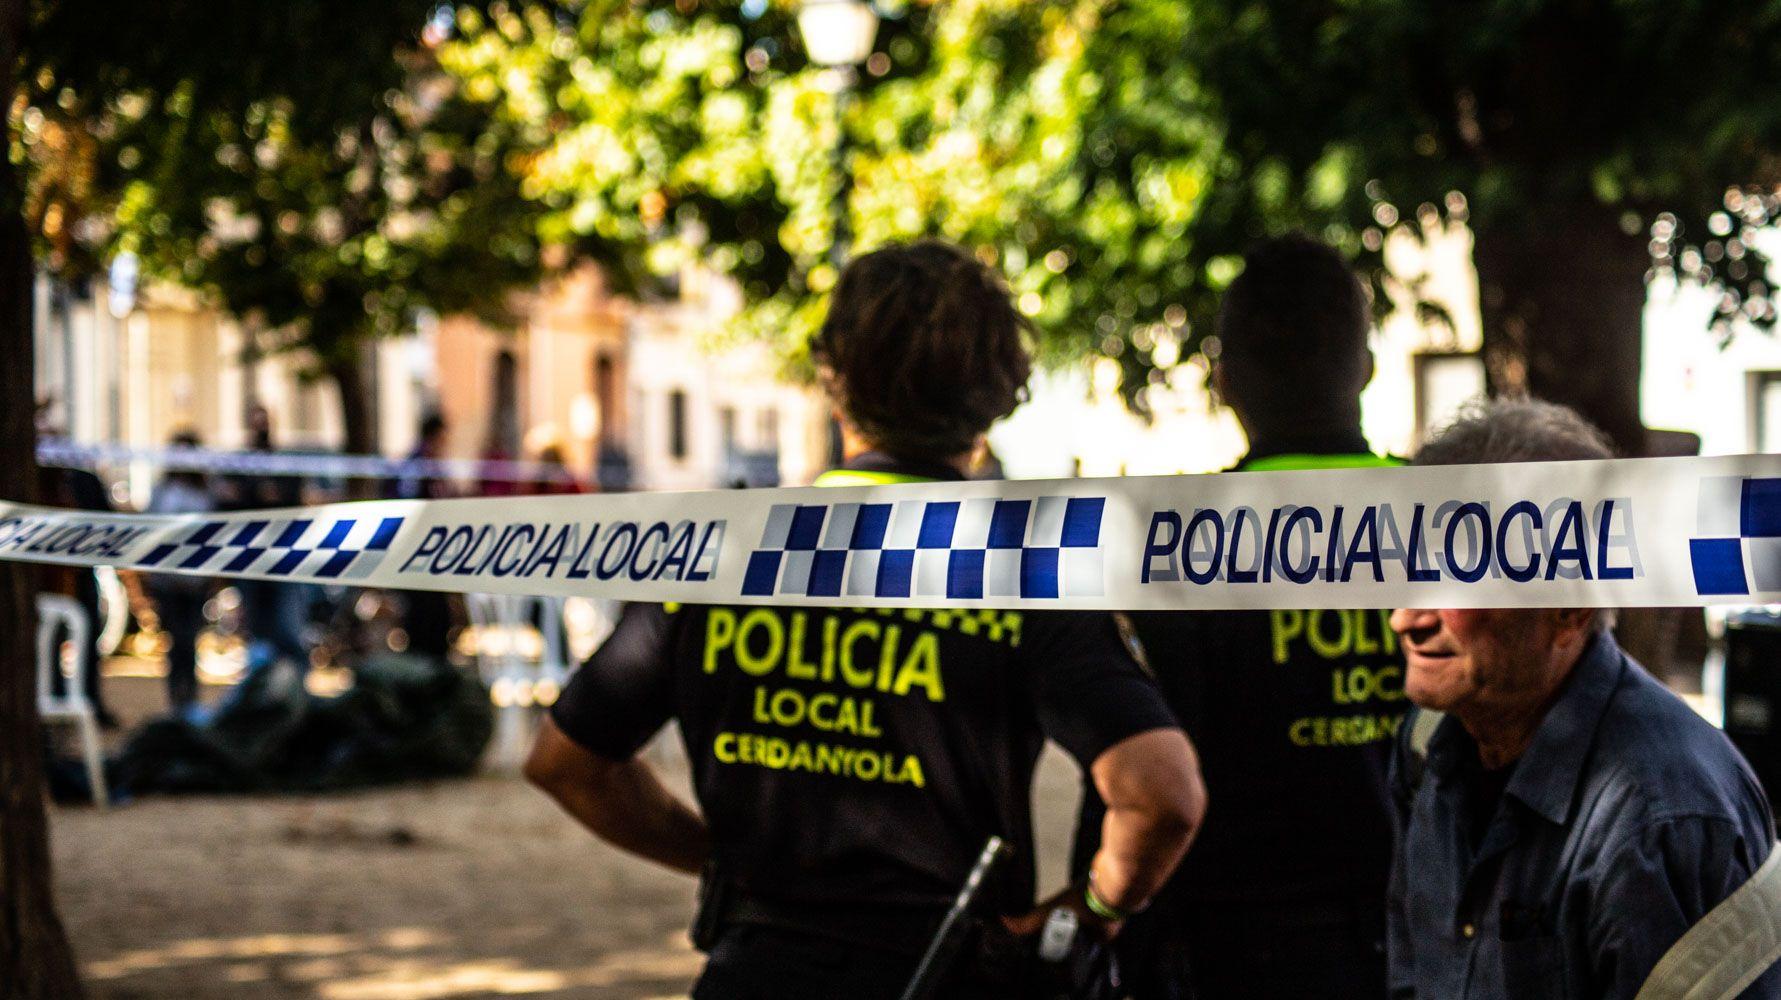 La policia local acordonant la zona afectada durant el Vermut de Sant Martí